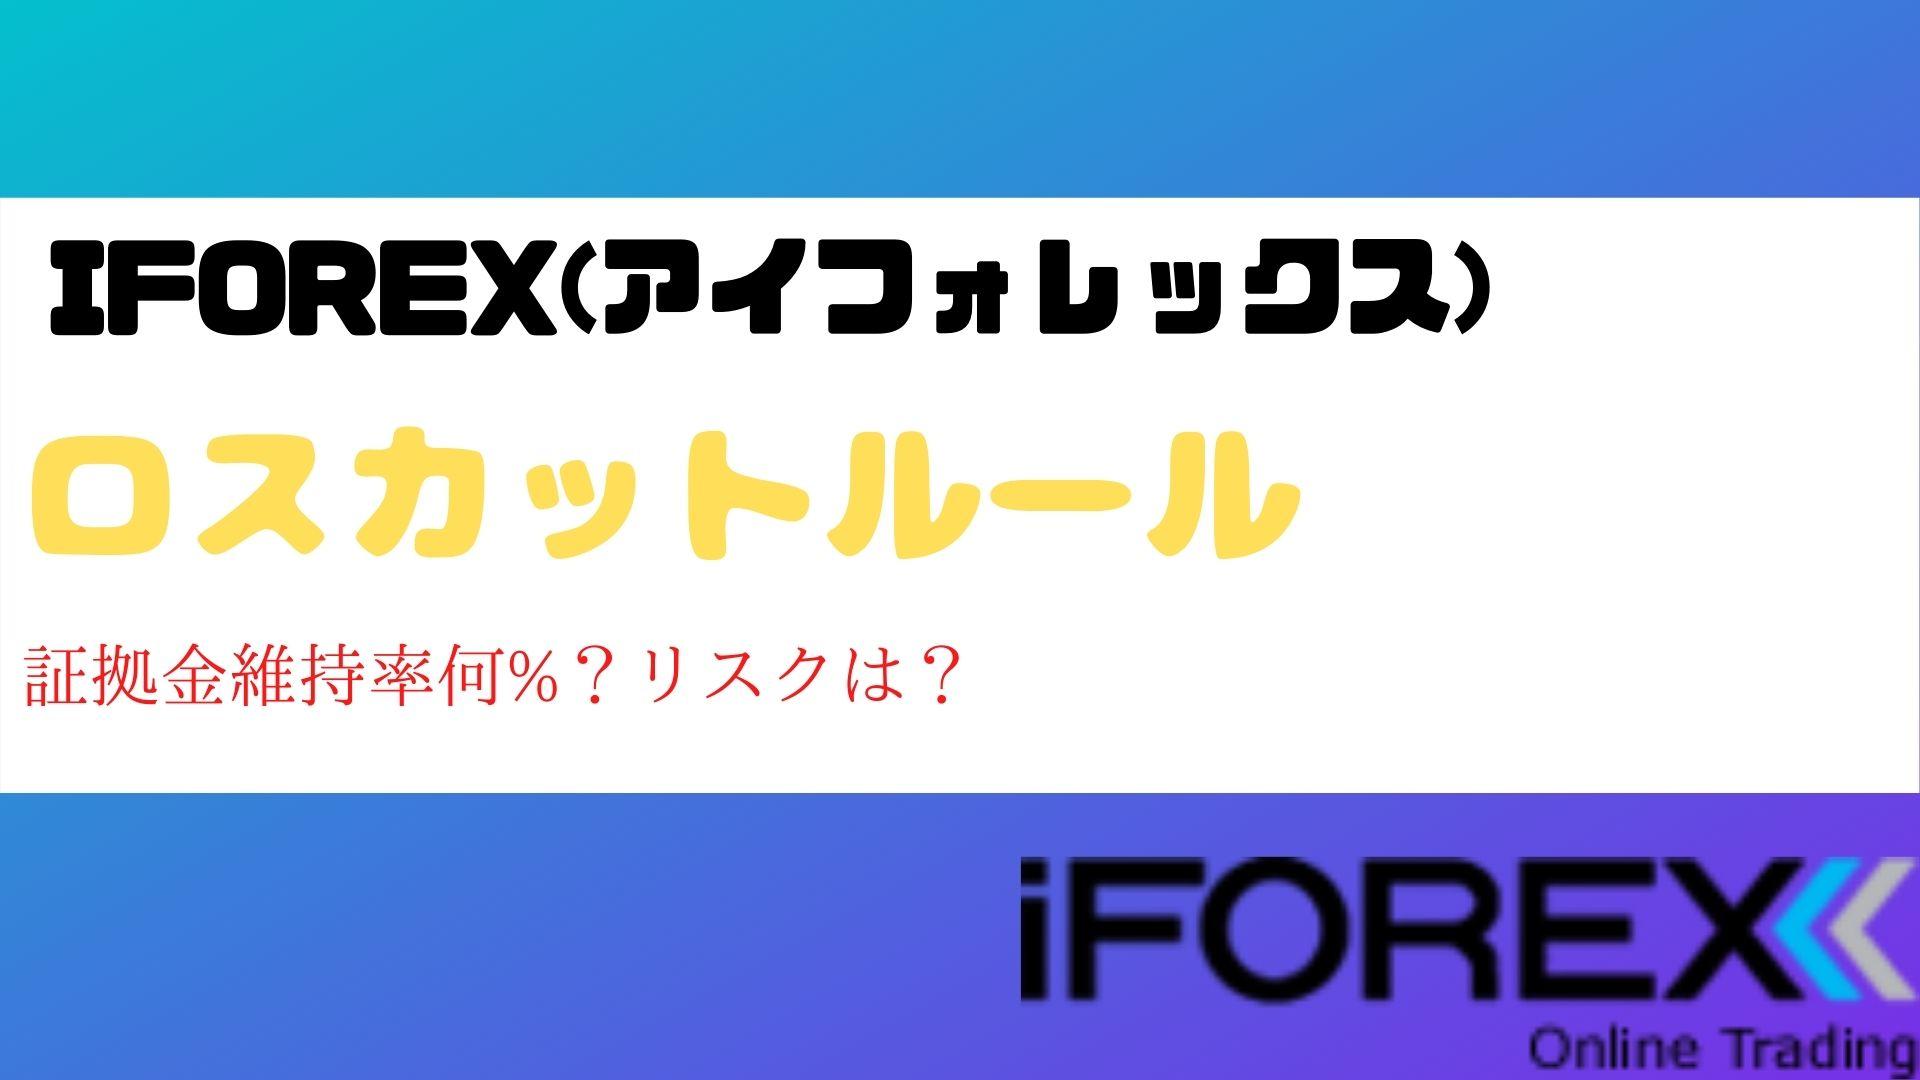 iforex-losscut-rule-title